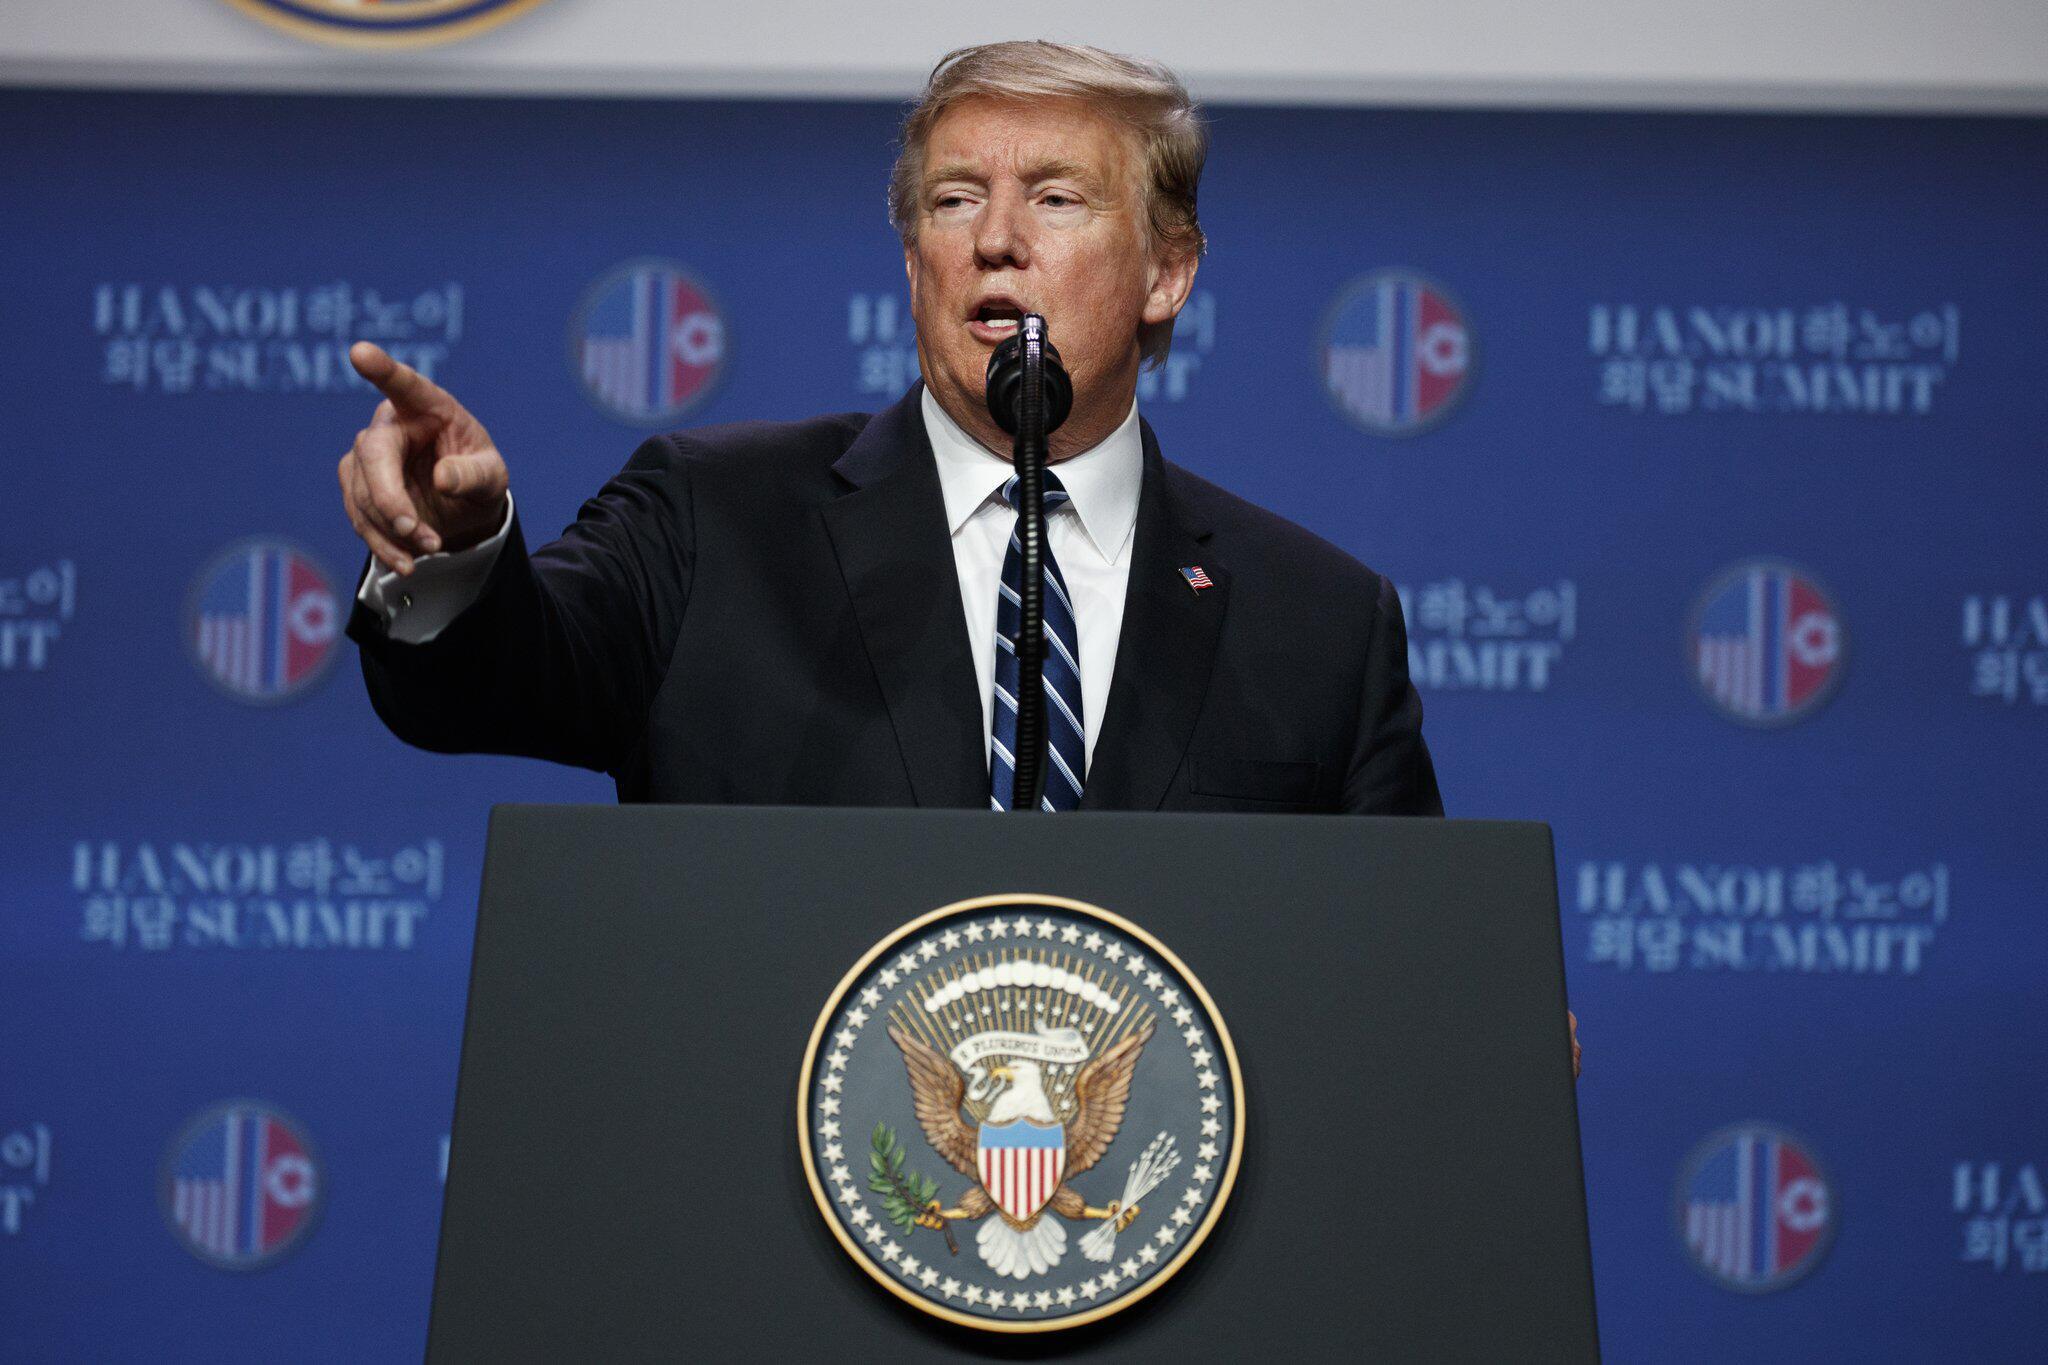 Bild zu USA, Nordkorea, Gipfel, Hanoi, Vietnam, Donald Trump, US-Präsident, Kim Jong Un